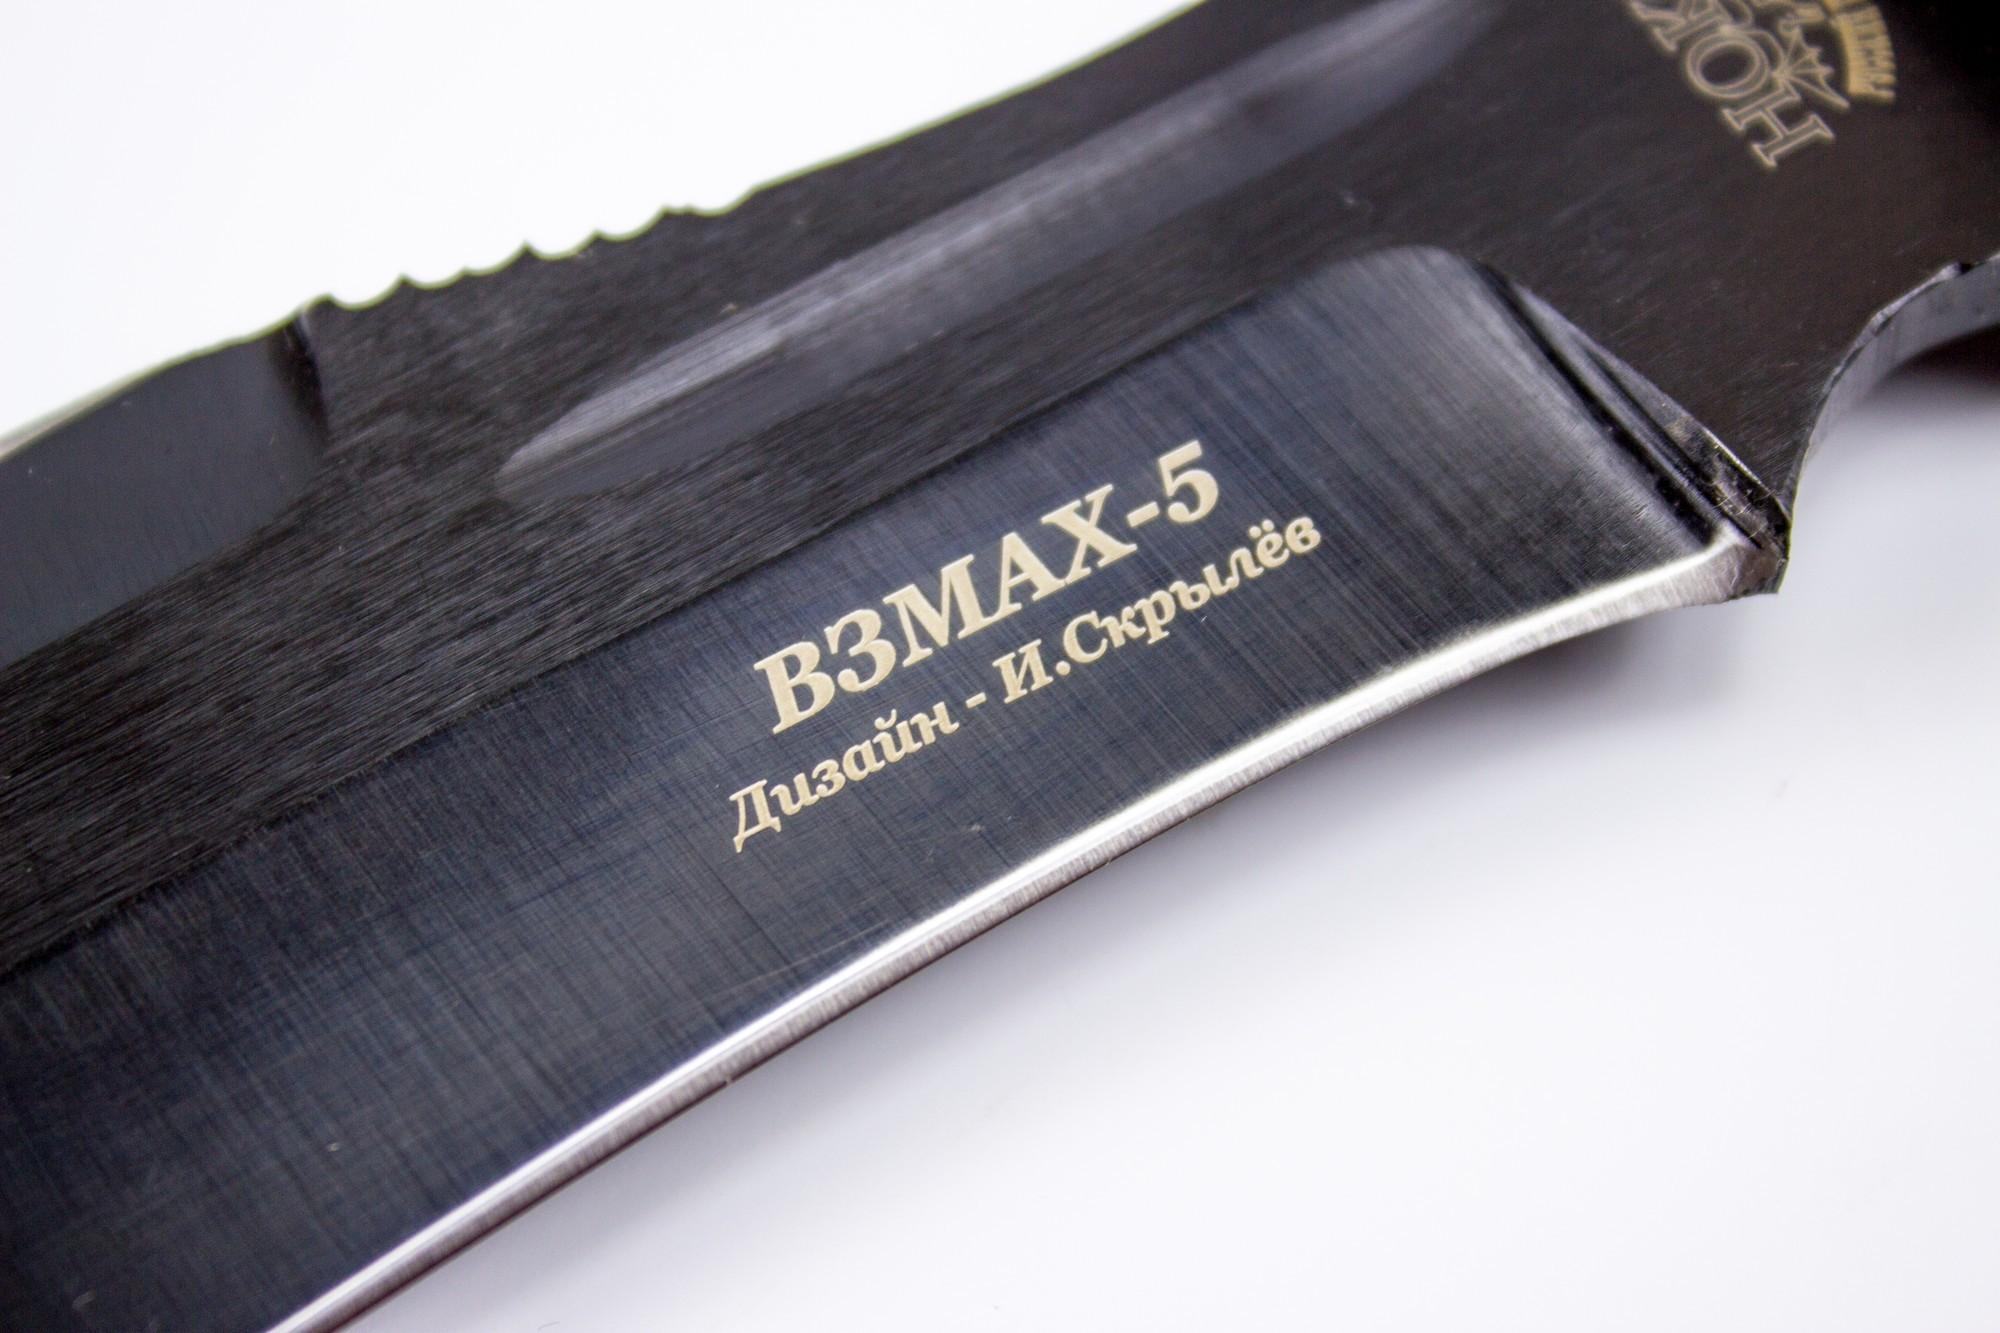 Фото 2 - Нож Взмах-5 У от НОКС